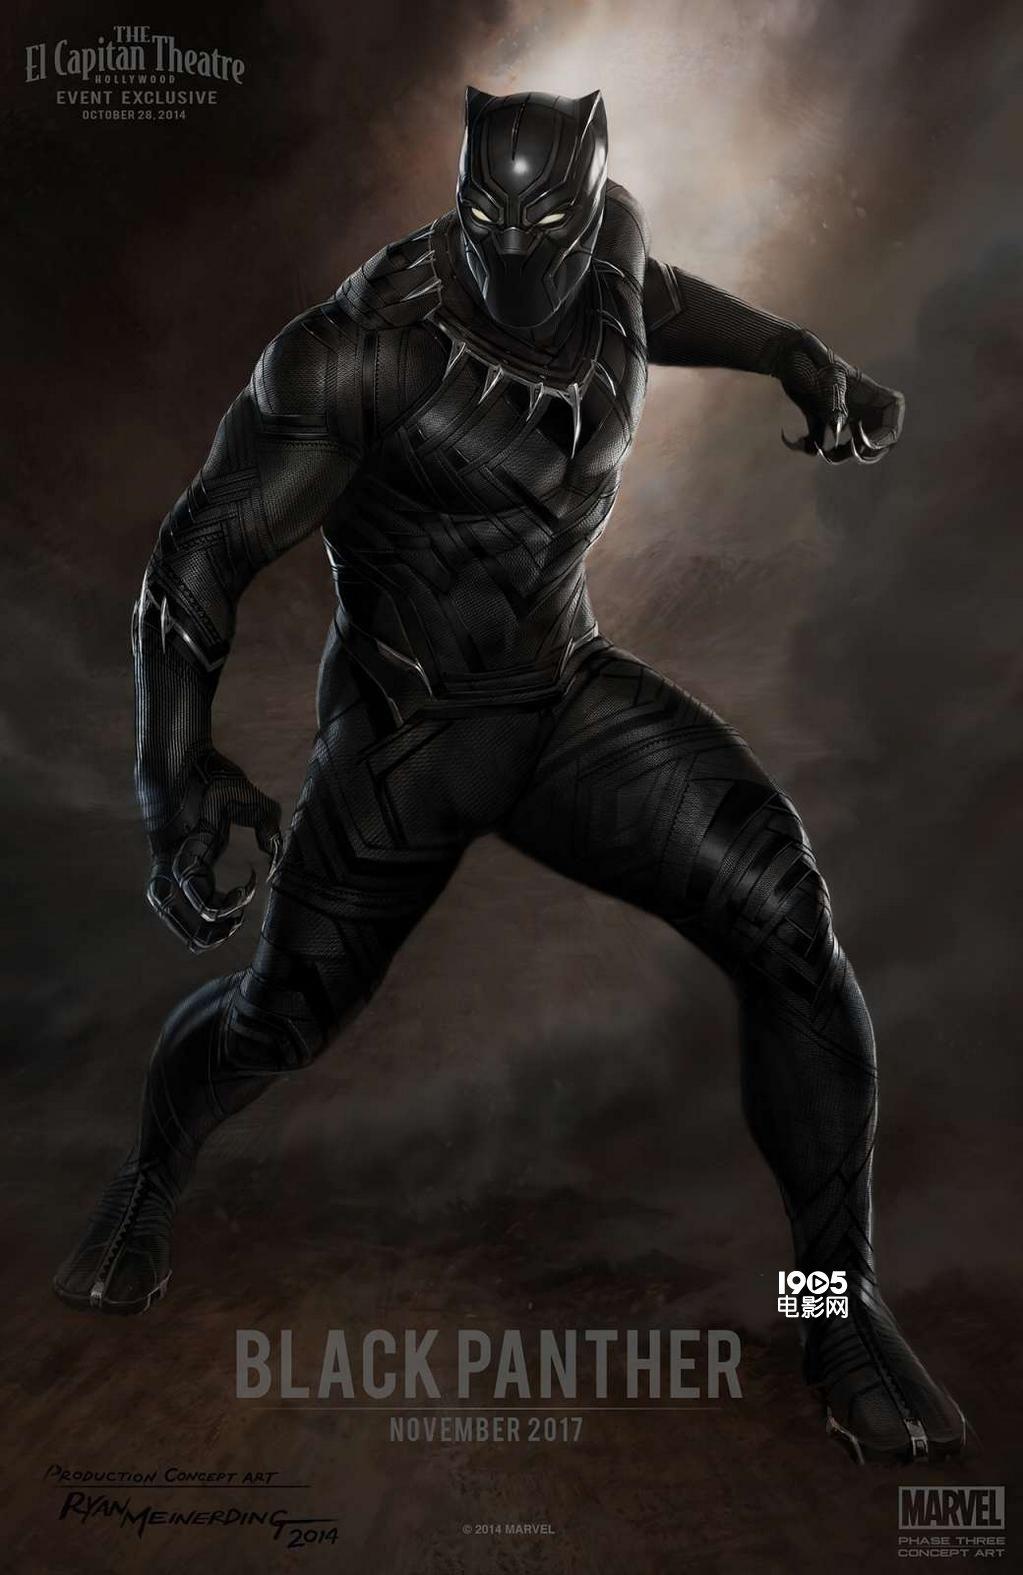 《黑豹》新动态 剧情将直接与-复仇者联盟-接轨